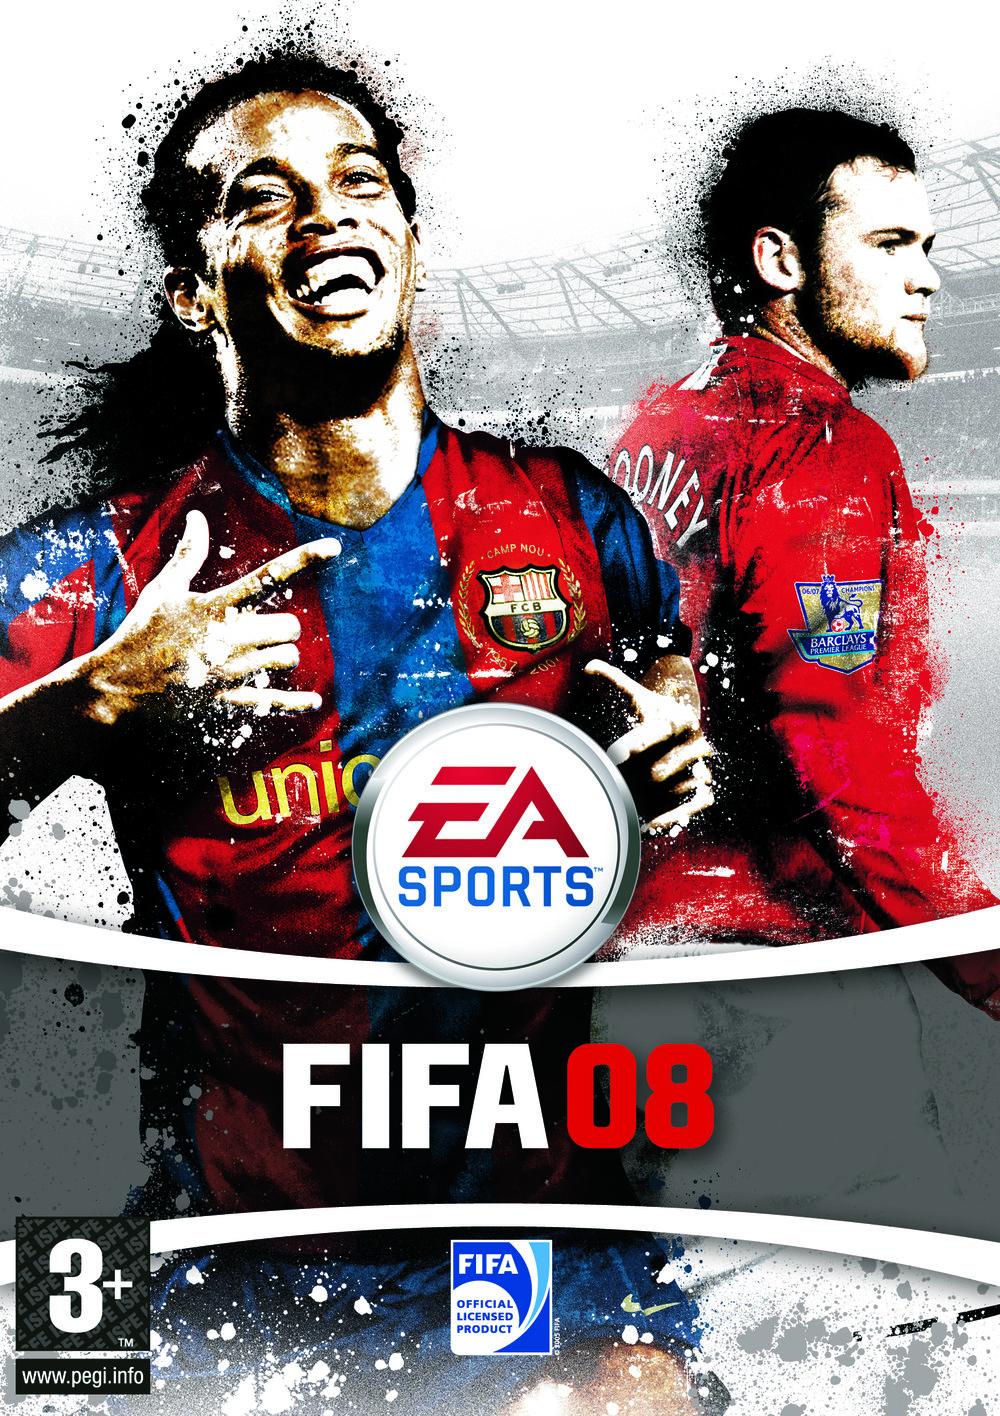 FIFA08genPFTww.jpg